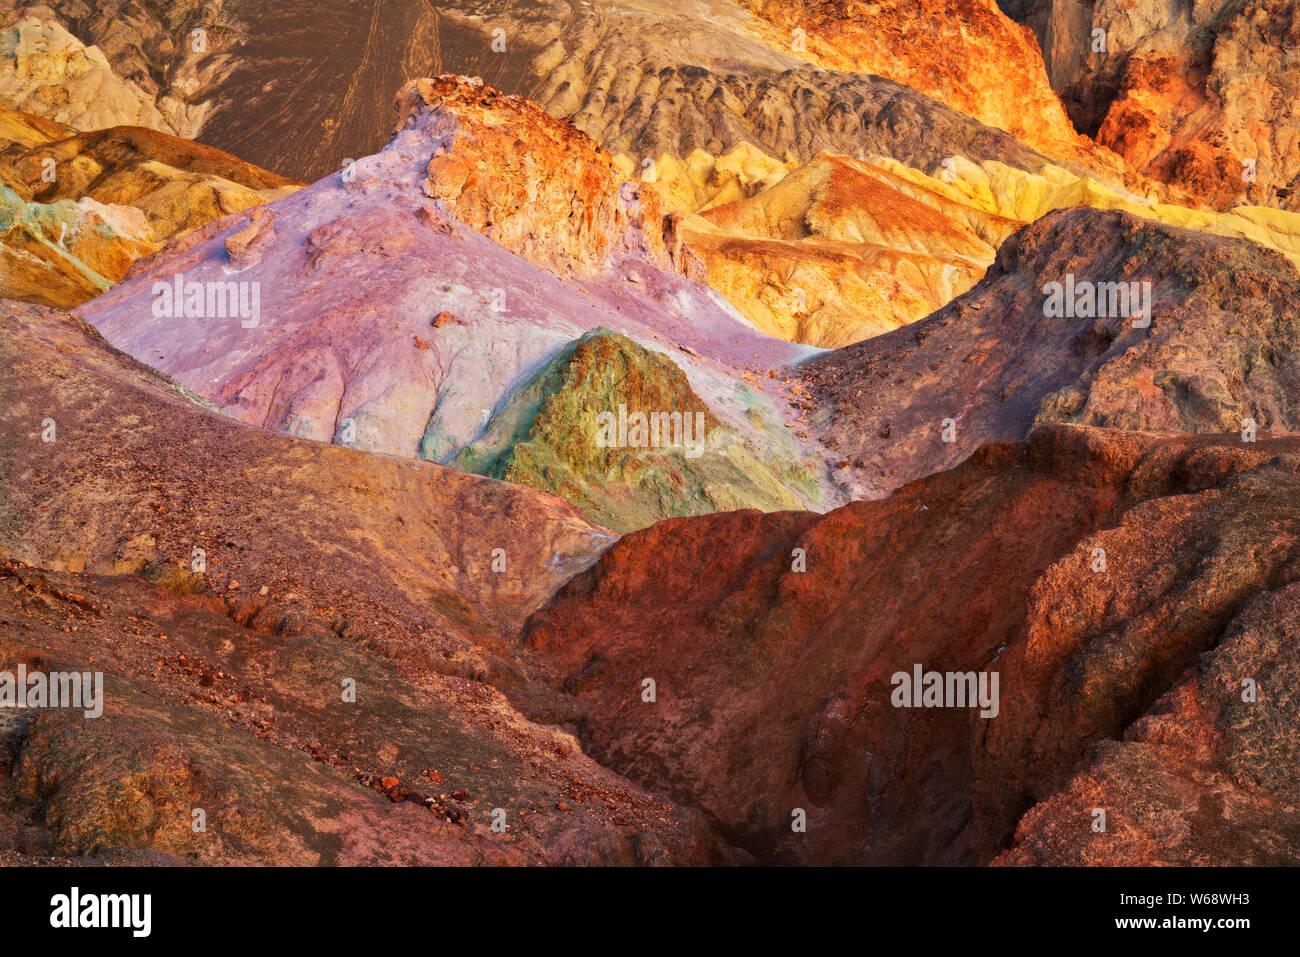 La lueur de l'aube civile multicolores ondulant badlands de Golden Canyon in California's Death Valley National Park. Banque D'Images